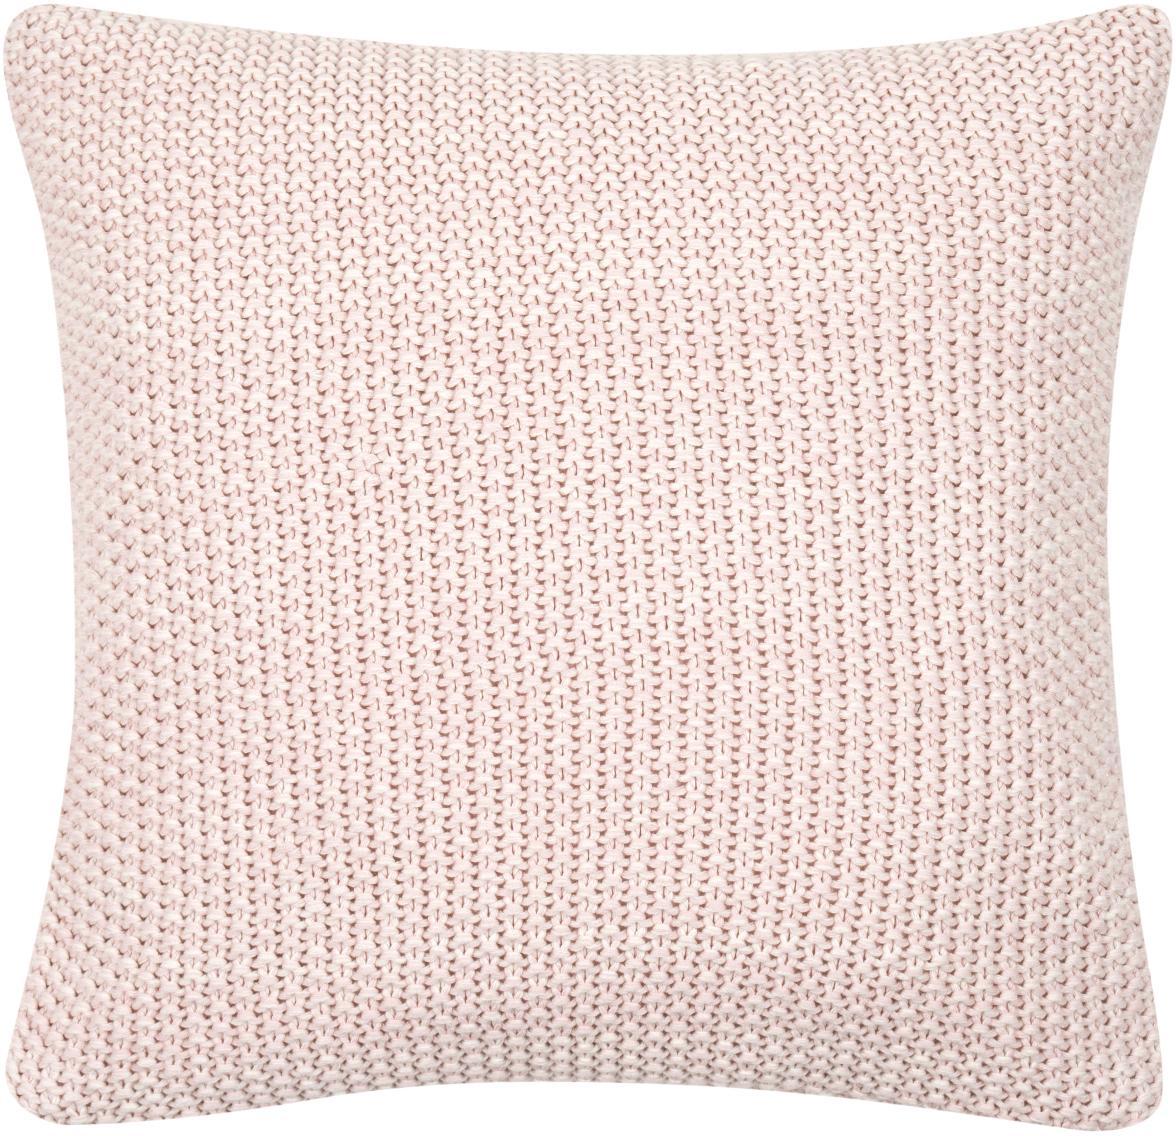 Federa arredo fatta a maglia Wilma, 100% cotone, Rosa, melangiato, Larg. 40 x Lung. 40 cm